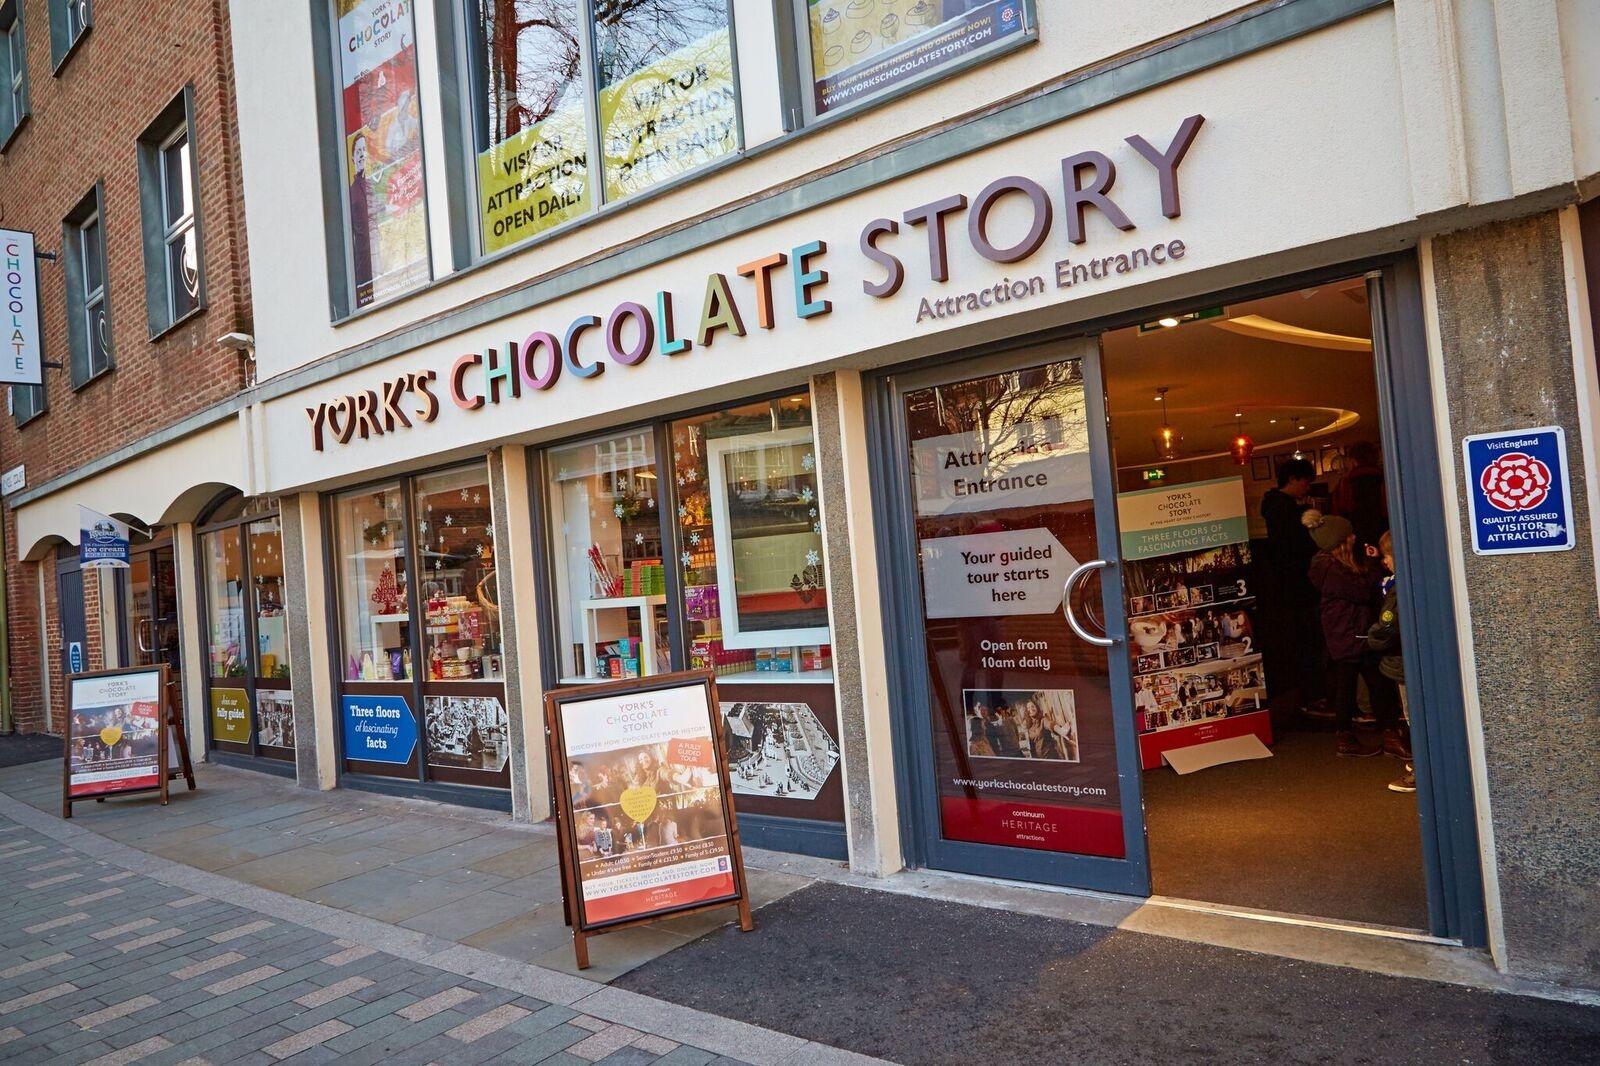 yorks chocolate story (2)